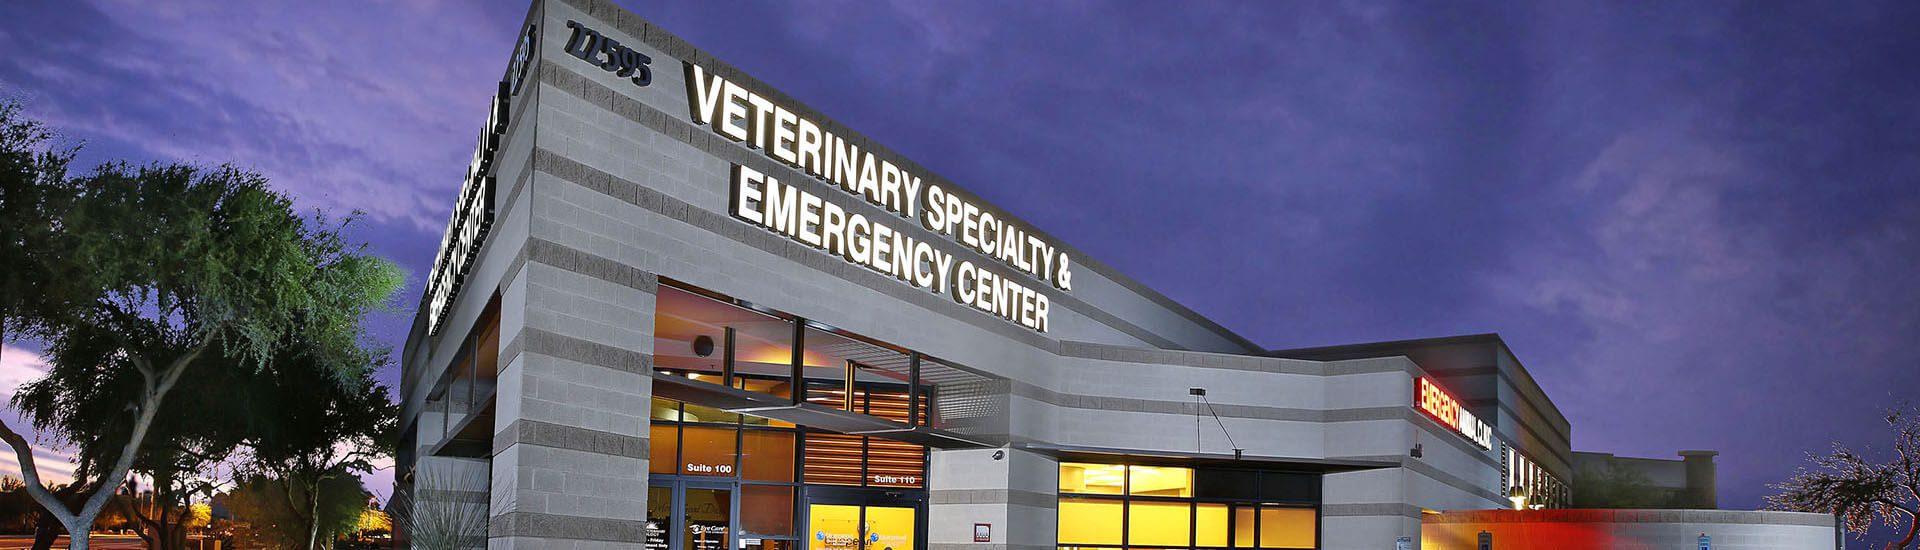 bluepearl pet hospital scottsdale az emergency vet. Black Bedroom Furniture Sets. Home Design Ideas